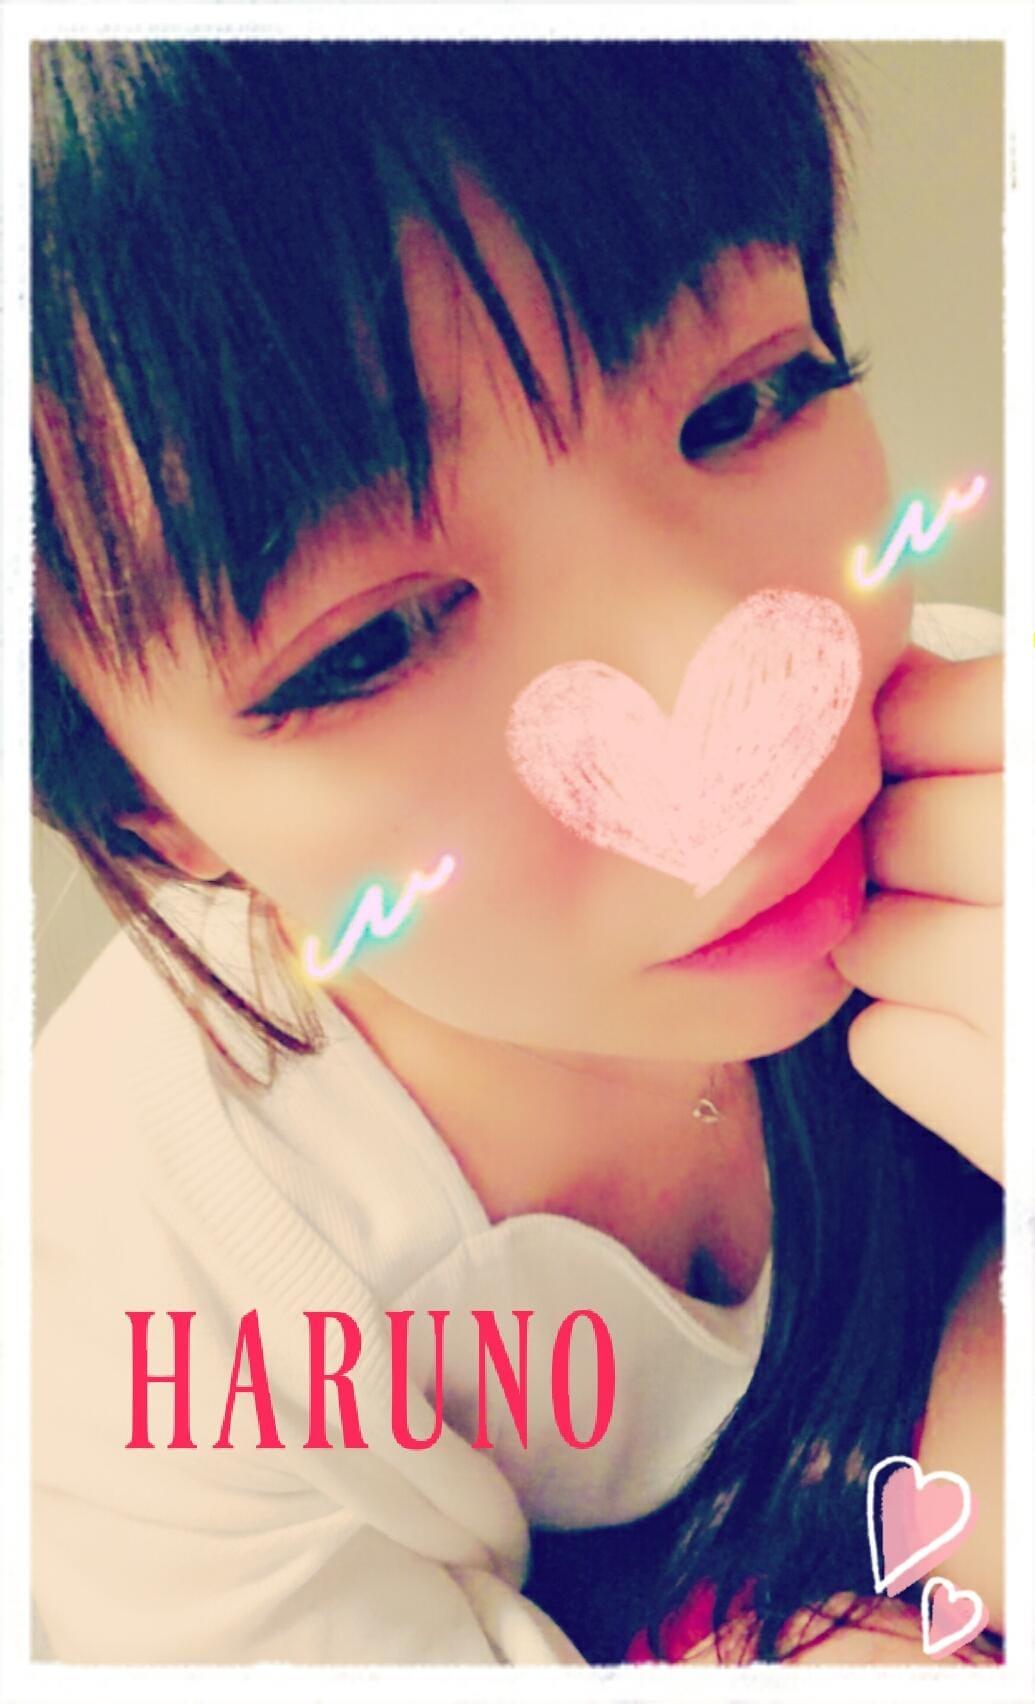 「ん〜〜」09/19(09/19) 21:22 | ハルノの写メ・風俗動画